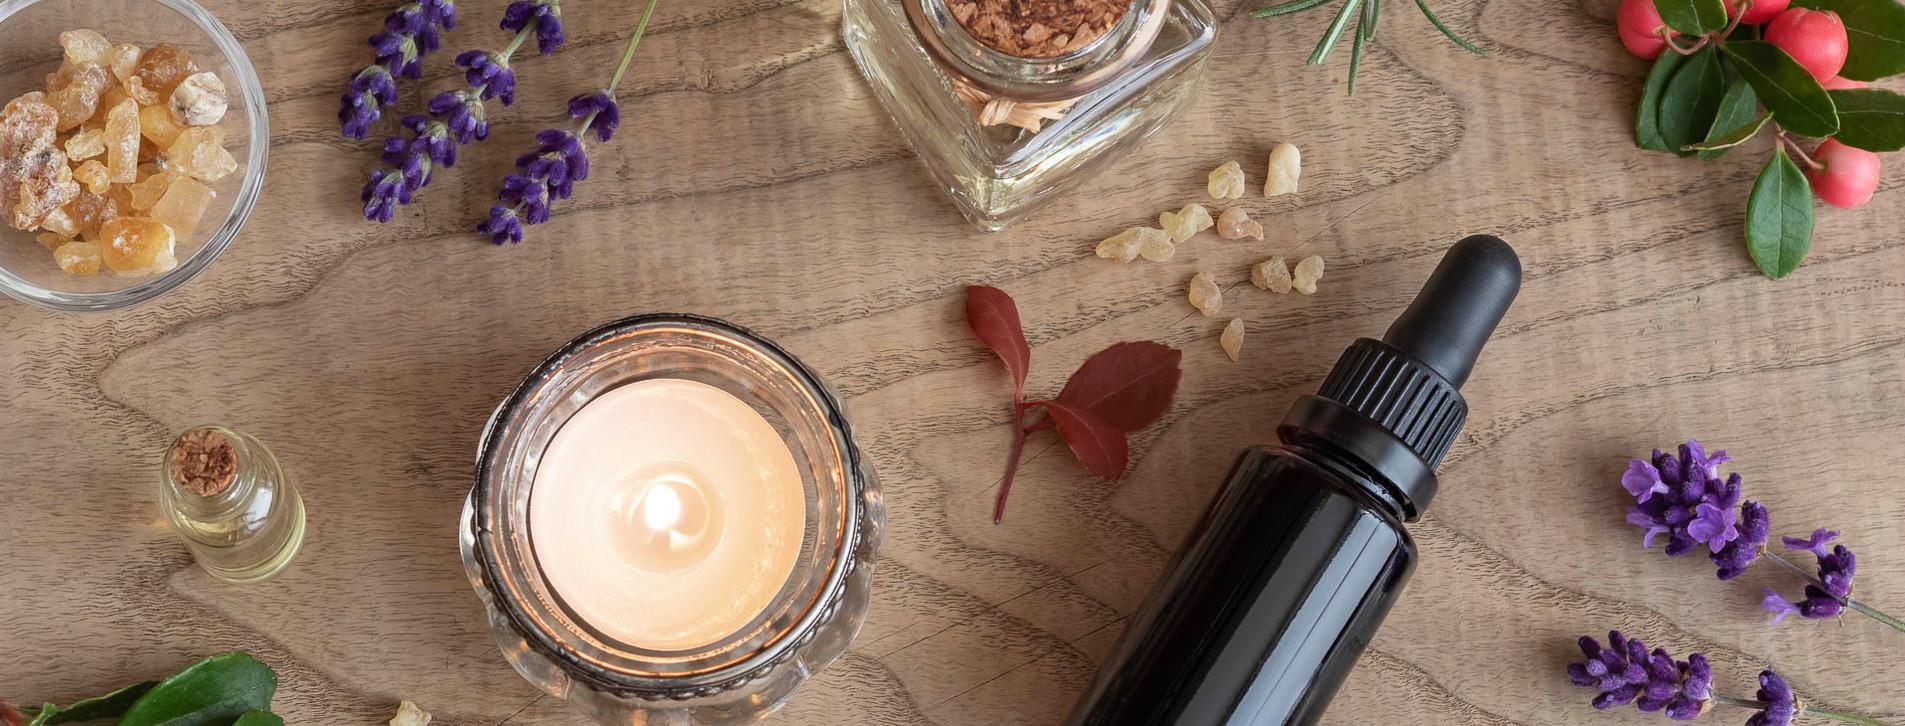 Фото 1 - Массаж горячими аромасвечами для двоих